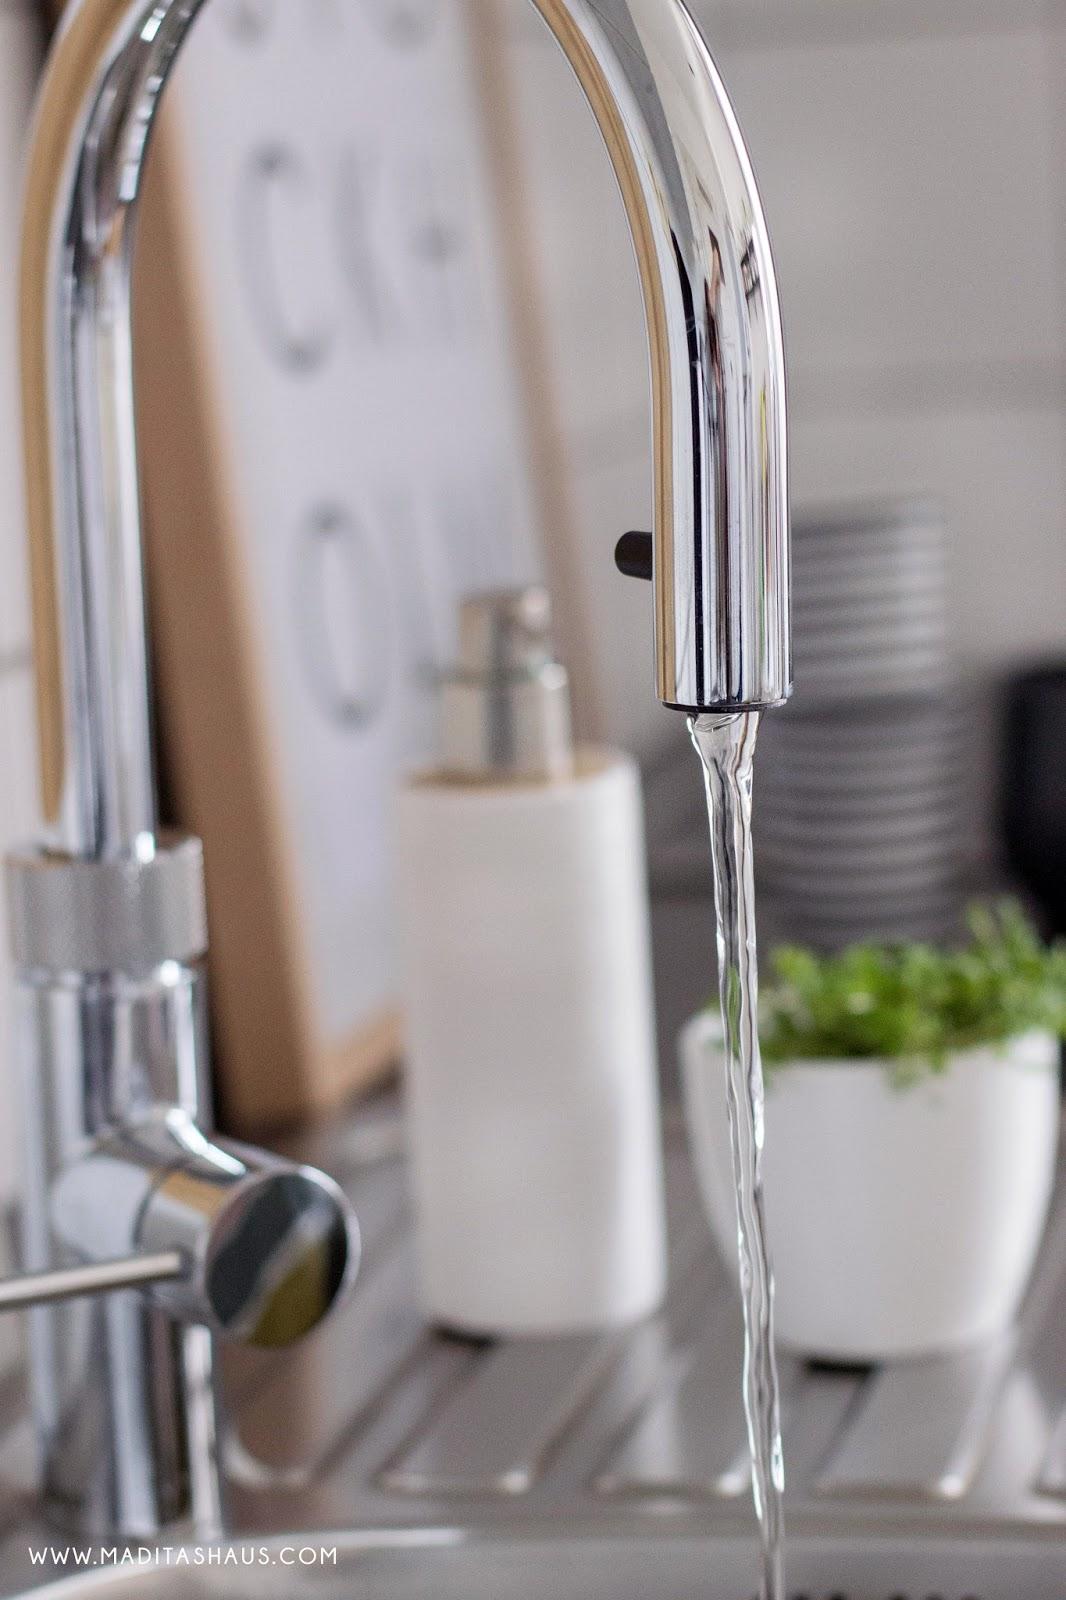 Quooker Flex Der Hahn Der Wasser Kochen Kann Maditas Haus